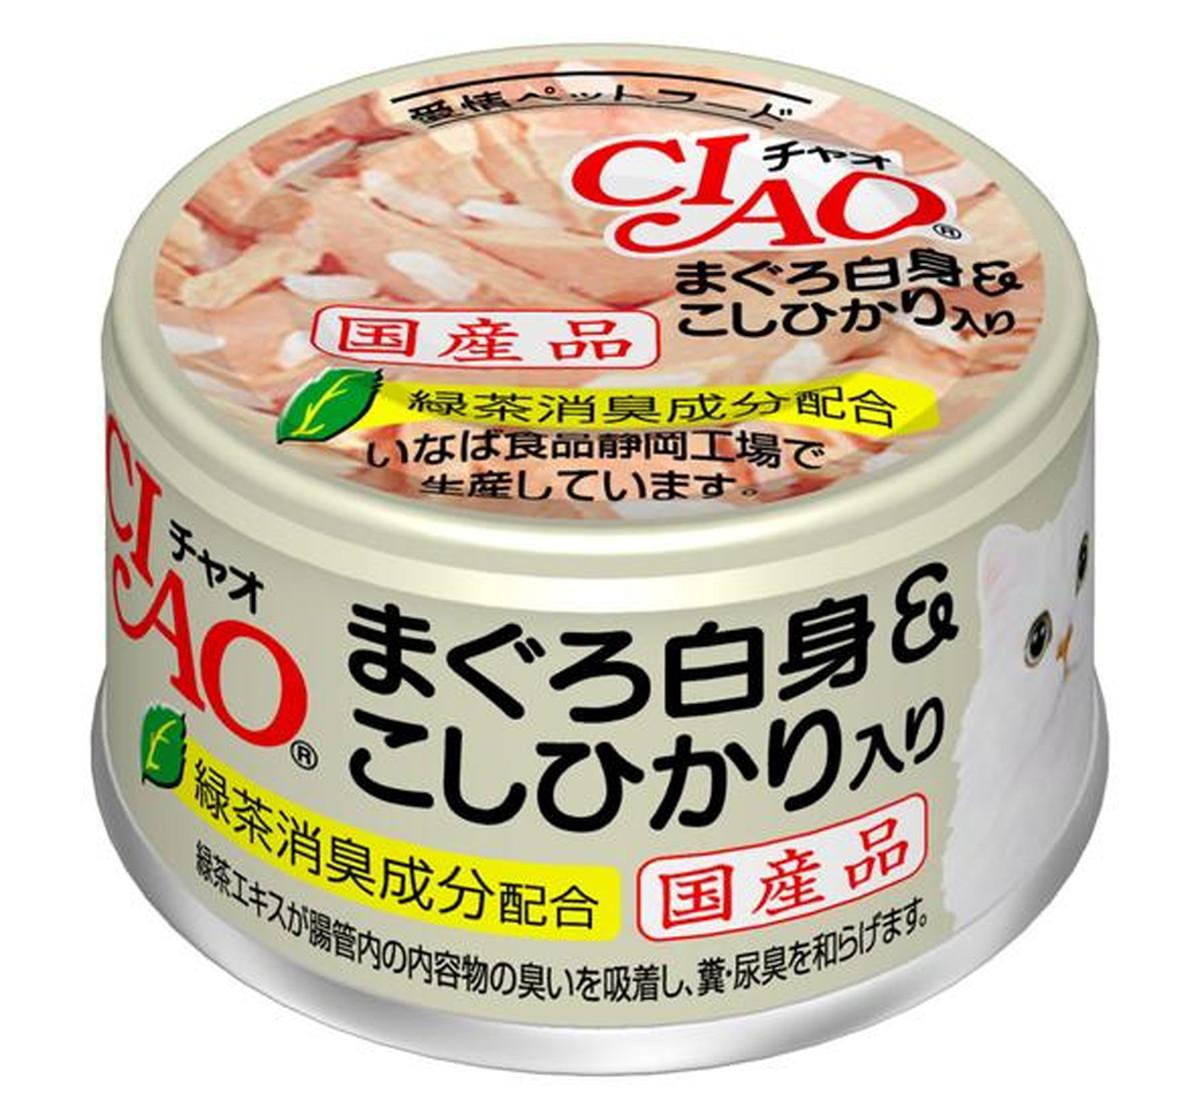 白身魚(吞拿魚+鰹魚+雞肉) 白米入